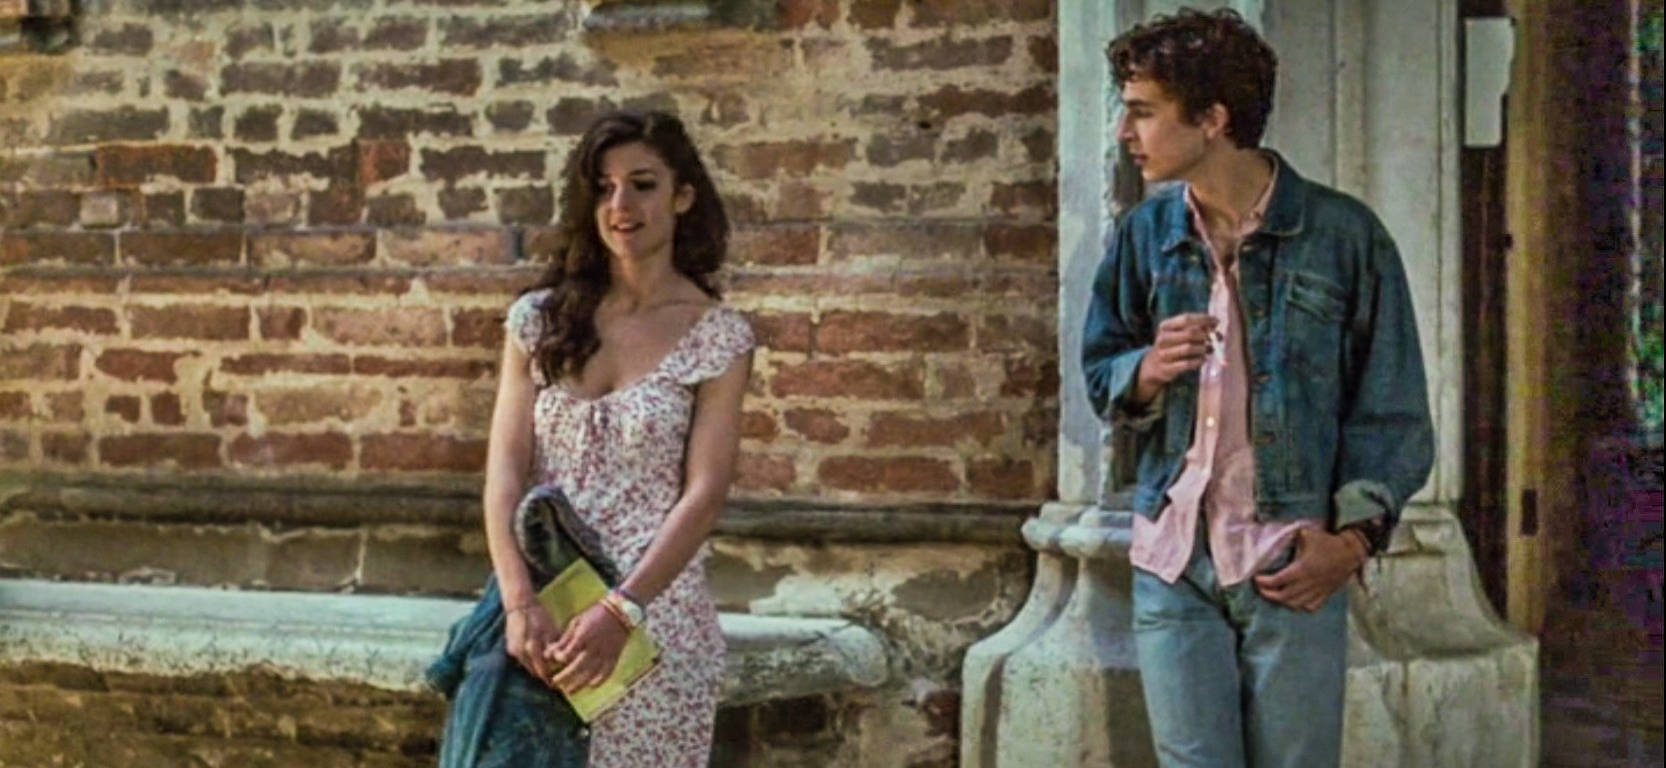 Elio & Marzia in Piazza Premoli